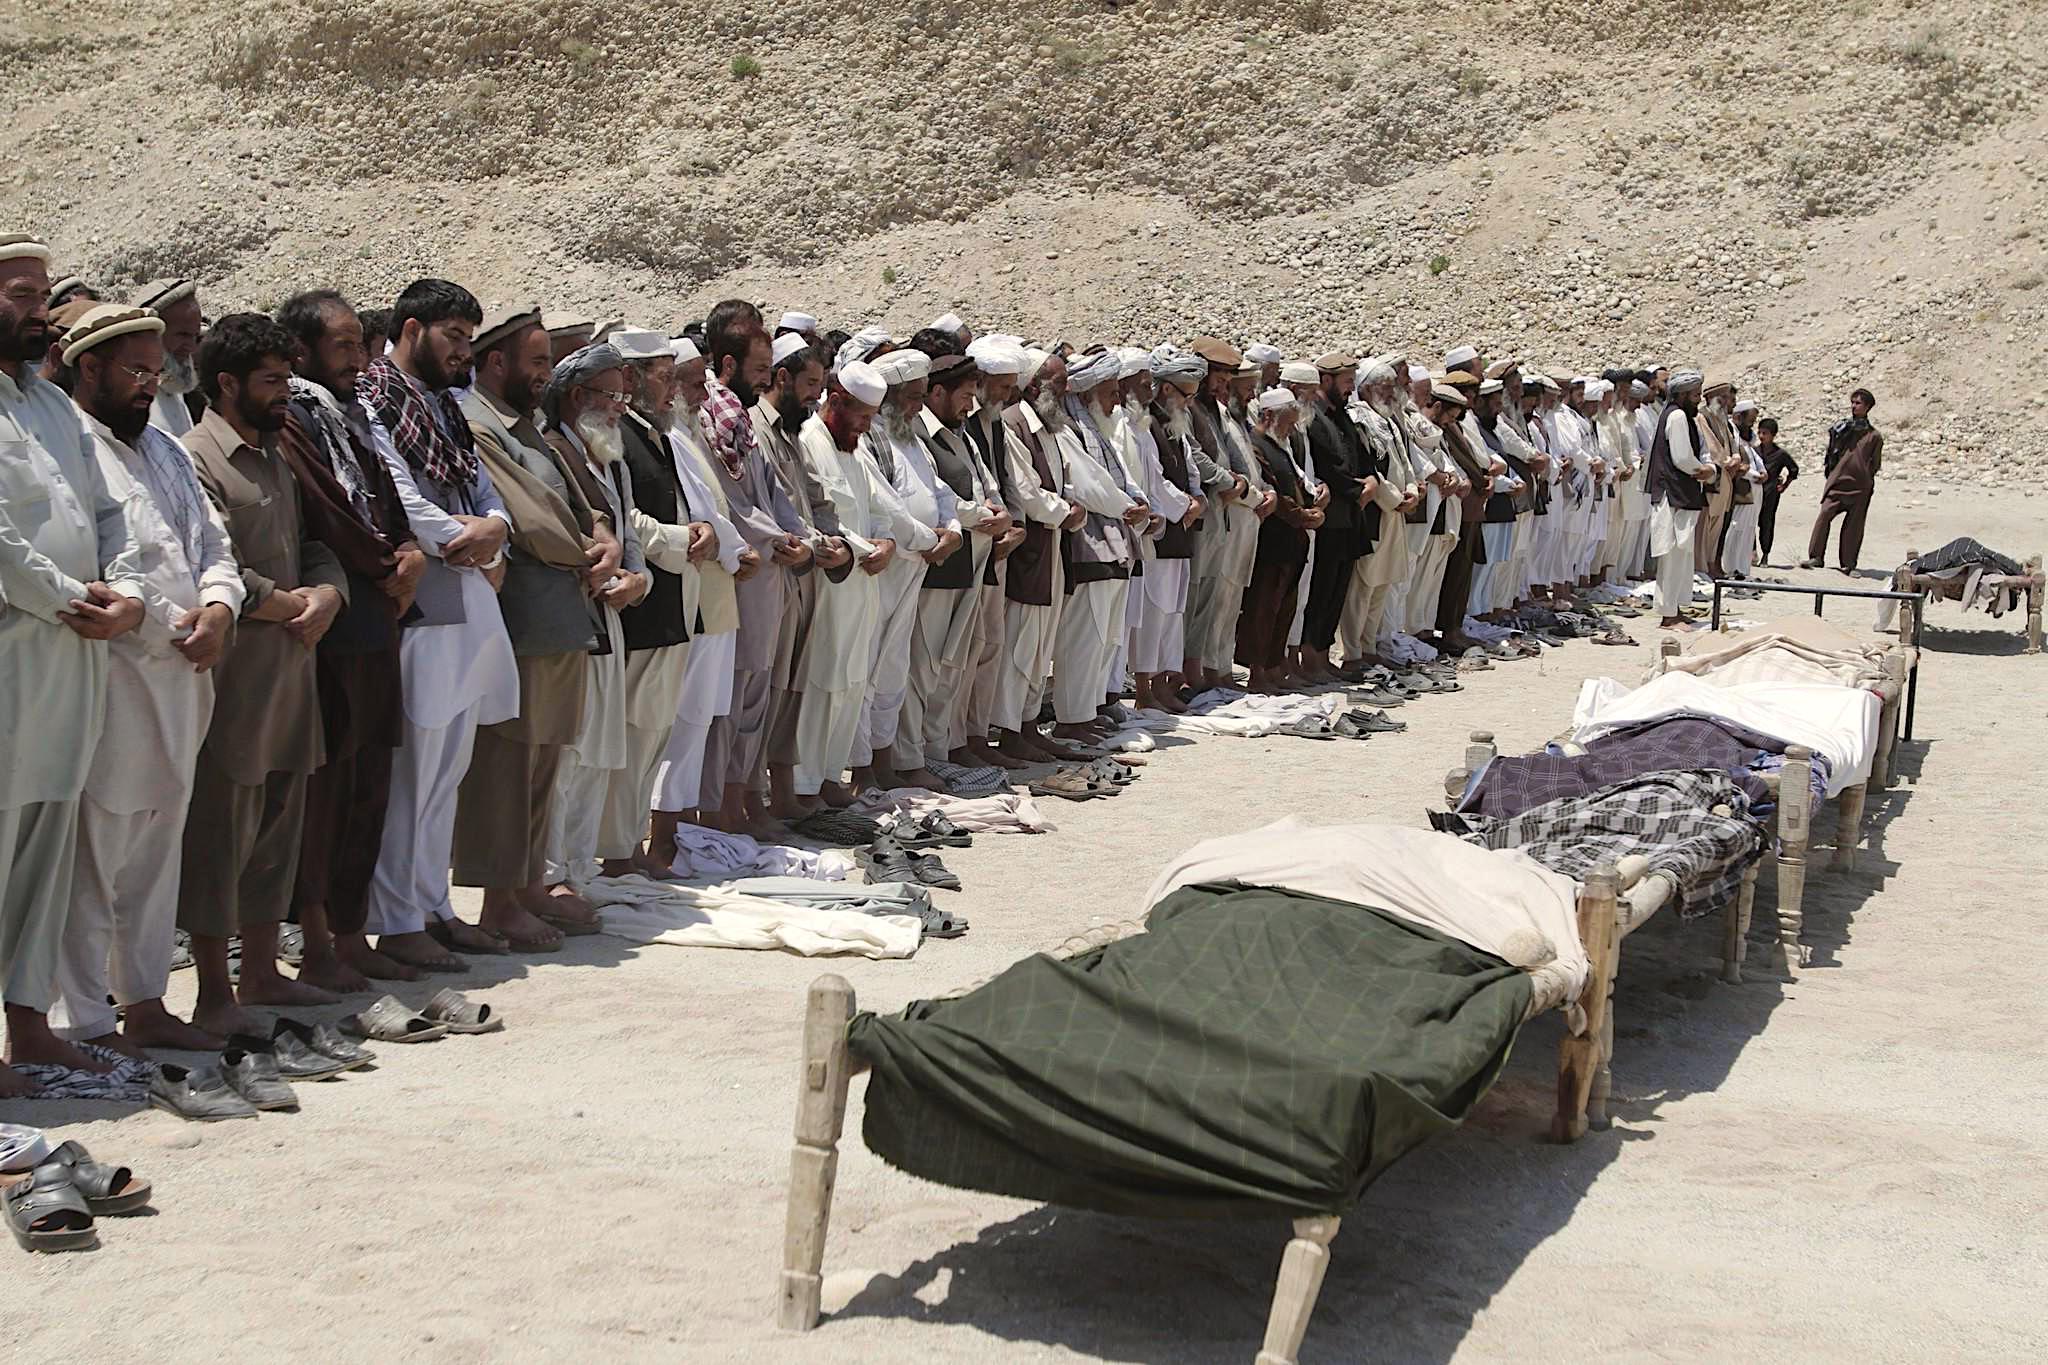 Enterro de civis afegãos mortos pelas forças de ocupação dos EUA.